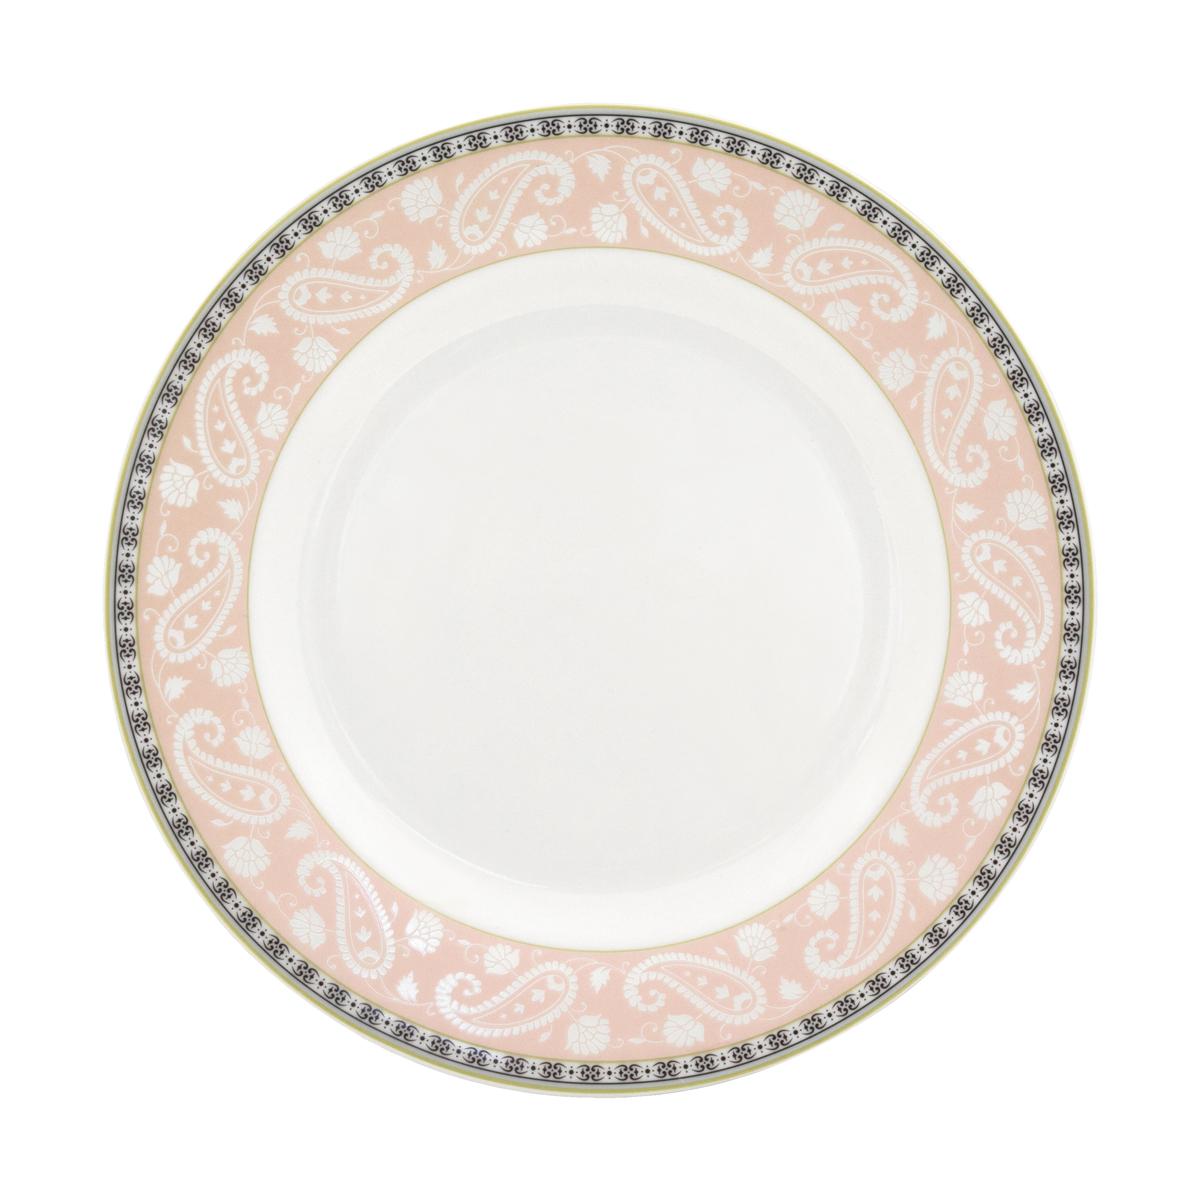 Набор суповых тарелок Esprado Arista Rose, диаметр 23 см, 6 штARR023RE301Набор Esprado Arista Rose состоит из шести суповых тарелок, выполненных из высококачественного костяногофарфора. Над созданием дизайна коллекций посуды из фарфора Esprado работает международная команда высококлассных дизайнеров, не только воплощающих в жизнь все новейшие тренды, но также и придерживающихся многовековых традиций при создании классических коллекций. Посуда из костяного фарфора будет идеальным выбором, для тех, кто предпочитает красивую современную посуду из высококачественного материала, которая отличается высокой прочностью и подходит для ежедневного использования. Посуда из коллекции Arista Rose прекрасно подойдет для уютного домашнего ужина, придав ему легкий оттенок торжественности. Тонкий огуречный узор в сочетании с нежным розовым цветом создает ощущение мягкости и тепла. Можно использовать в микроволновки печи и мыть в посудомоечной машине.